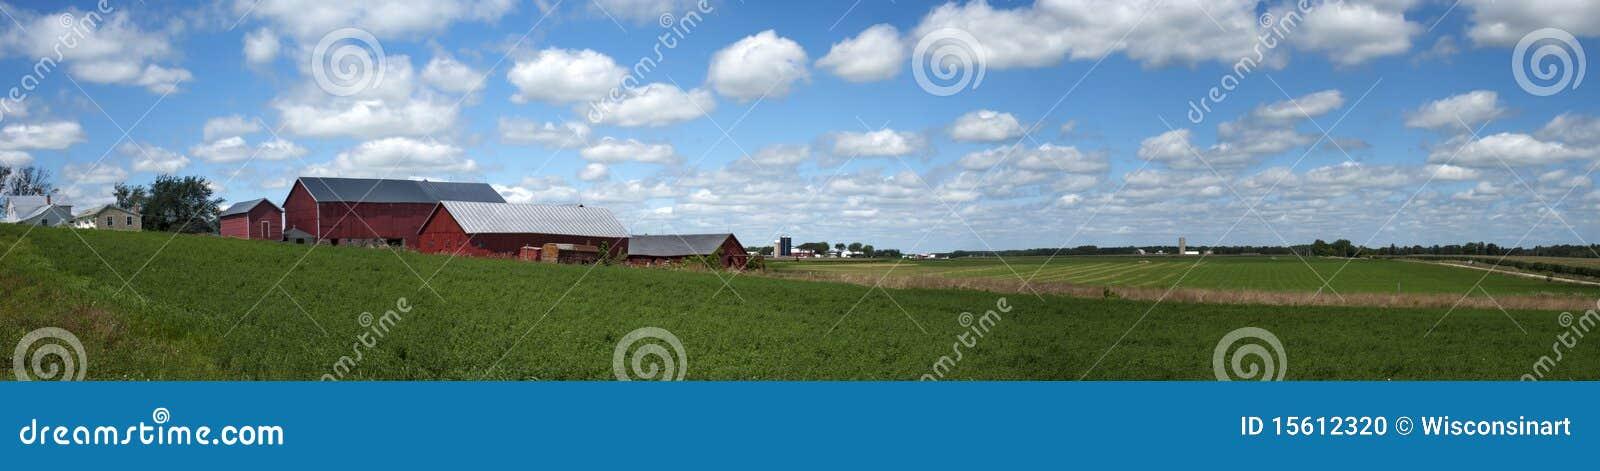 небо панорамы молочной фермы clounds амбара знамени старое